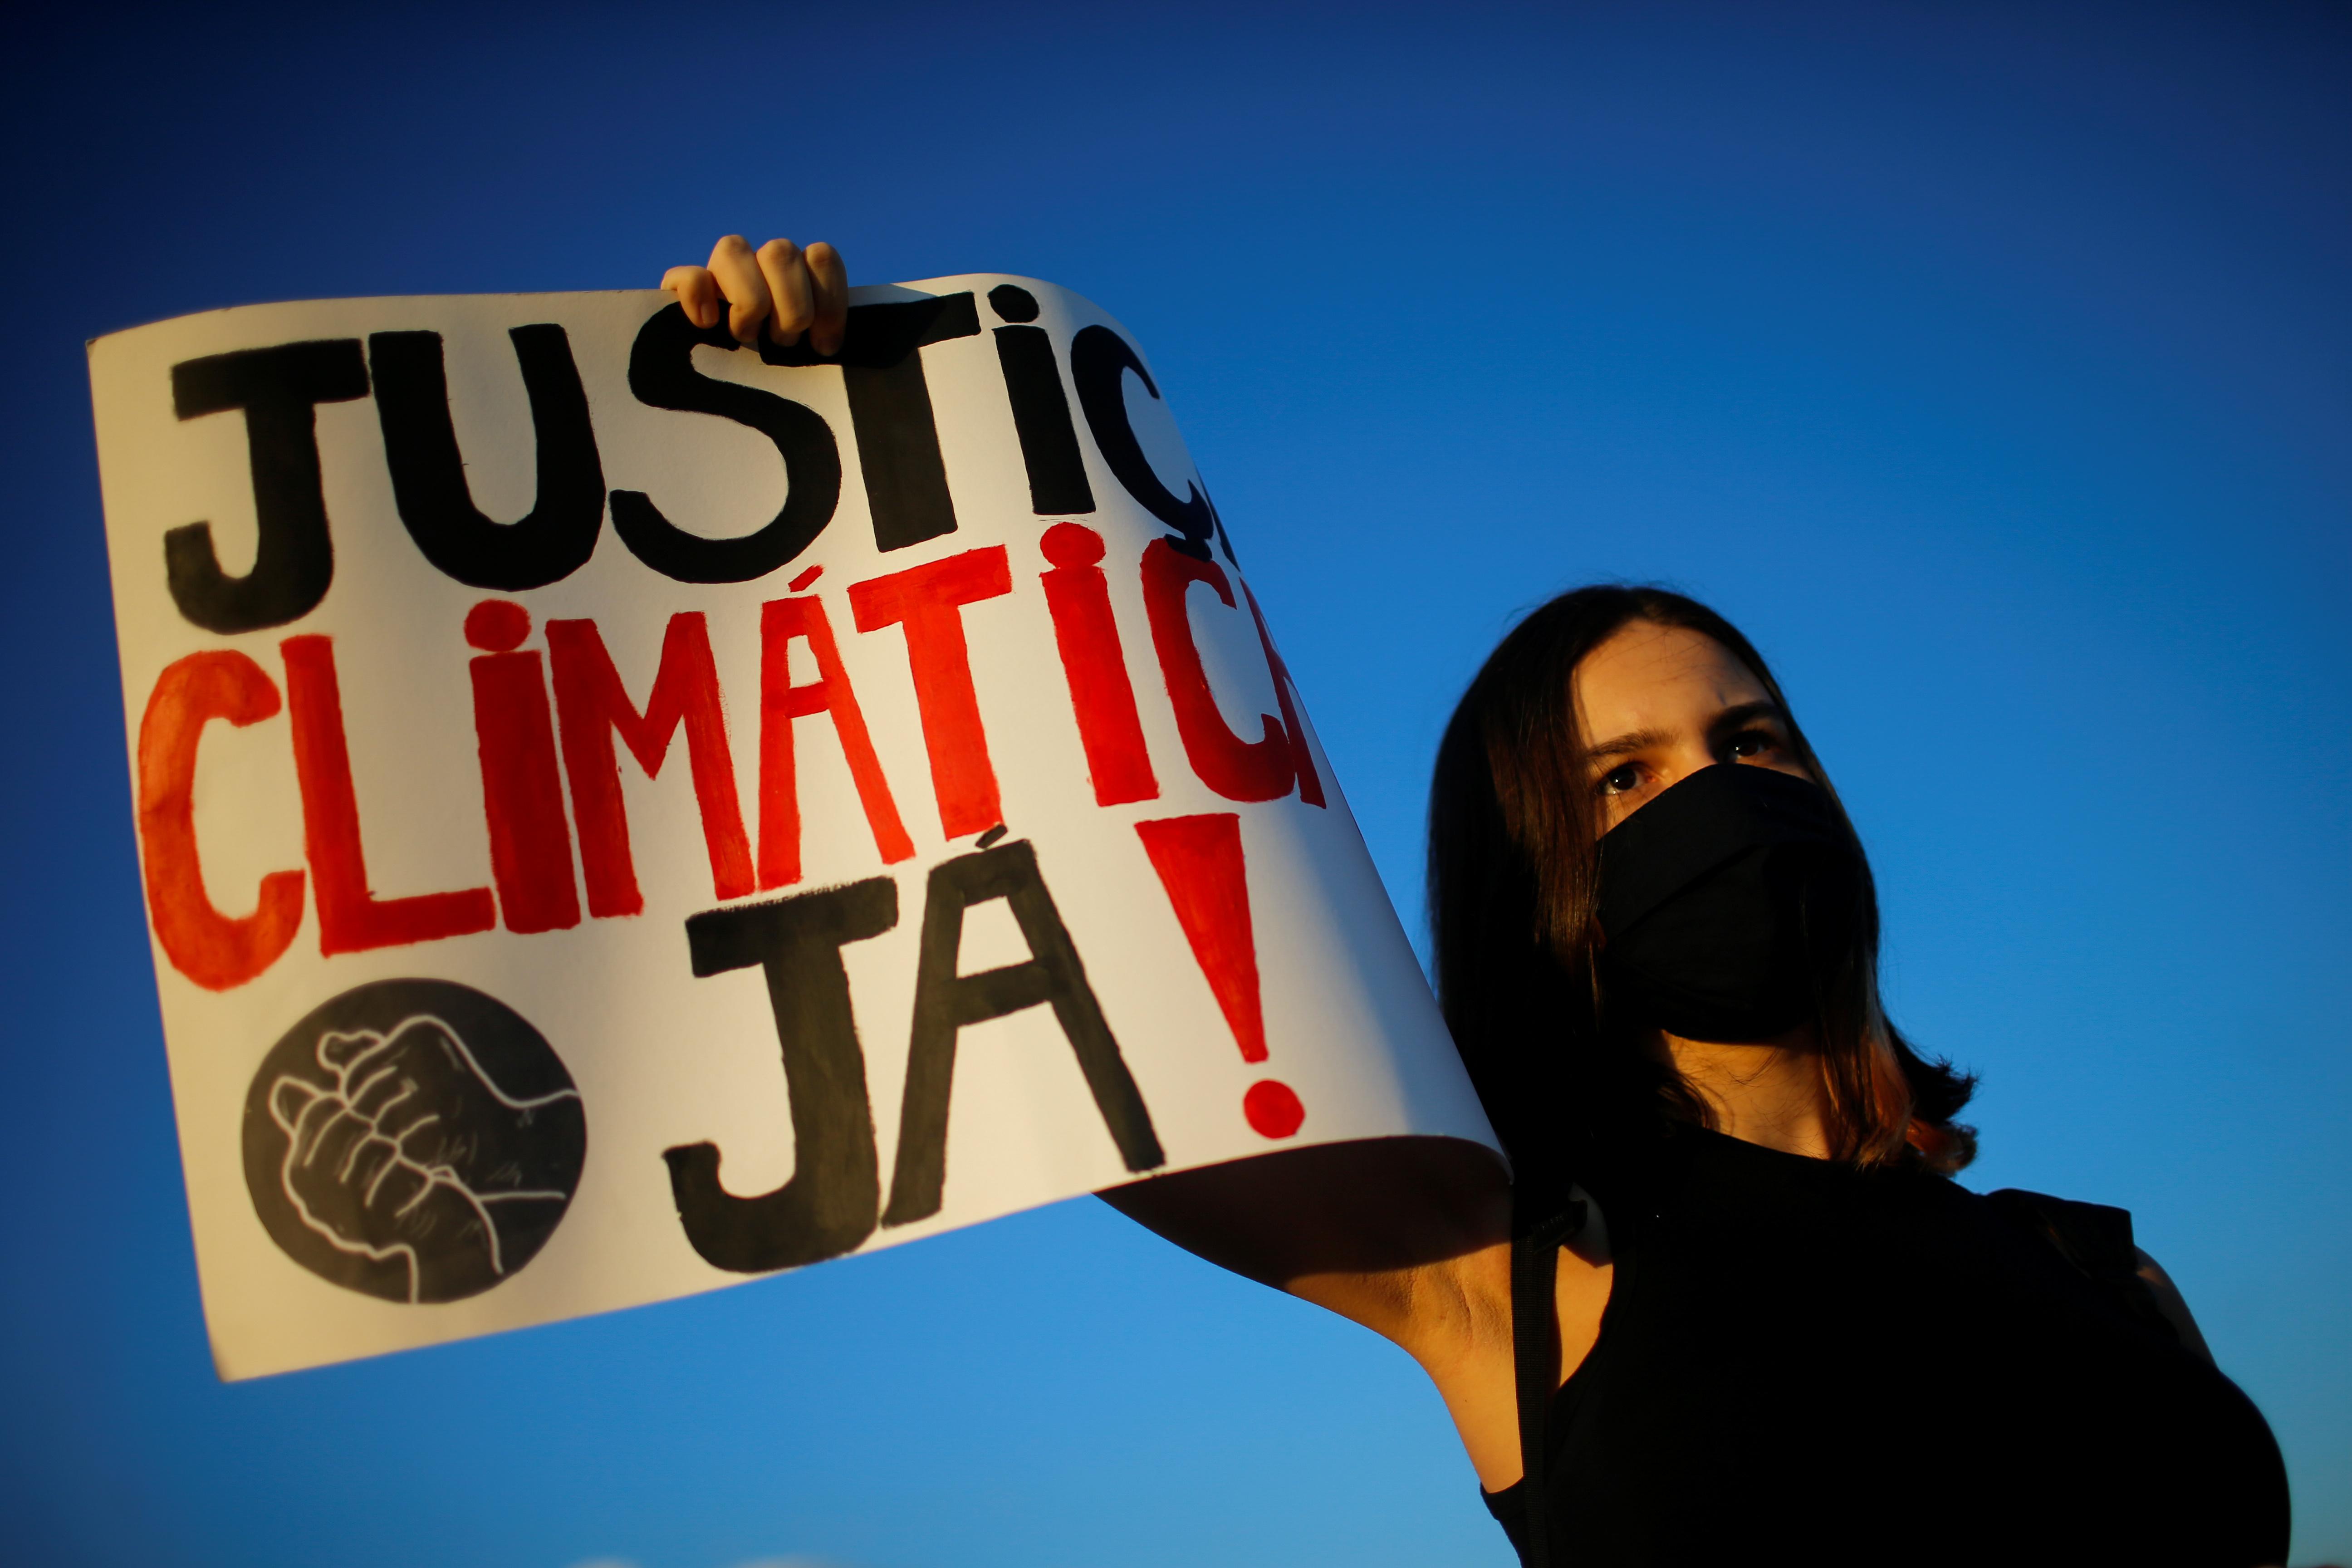 Los litigios climáticos se disparan y ponen en el punto de mira a empresas y Gobiernos